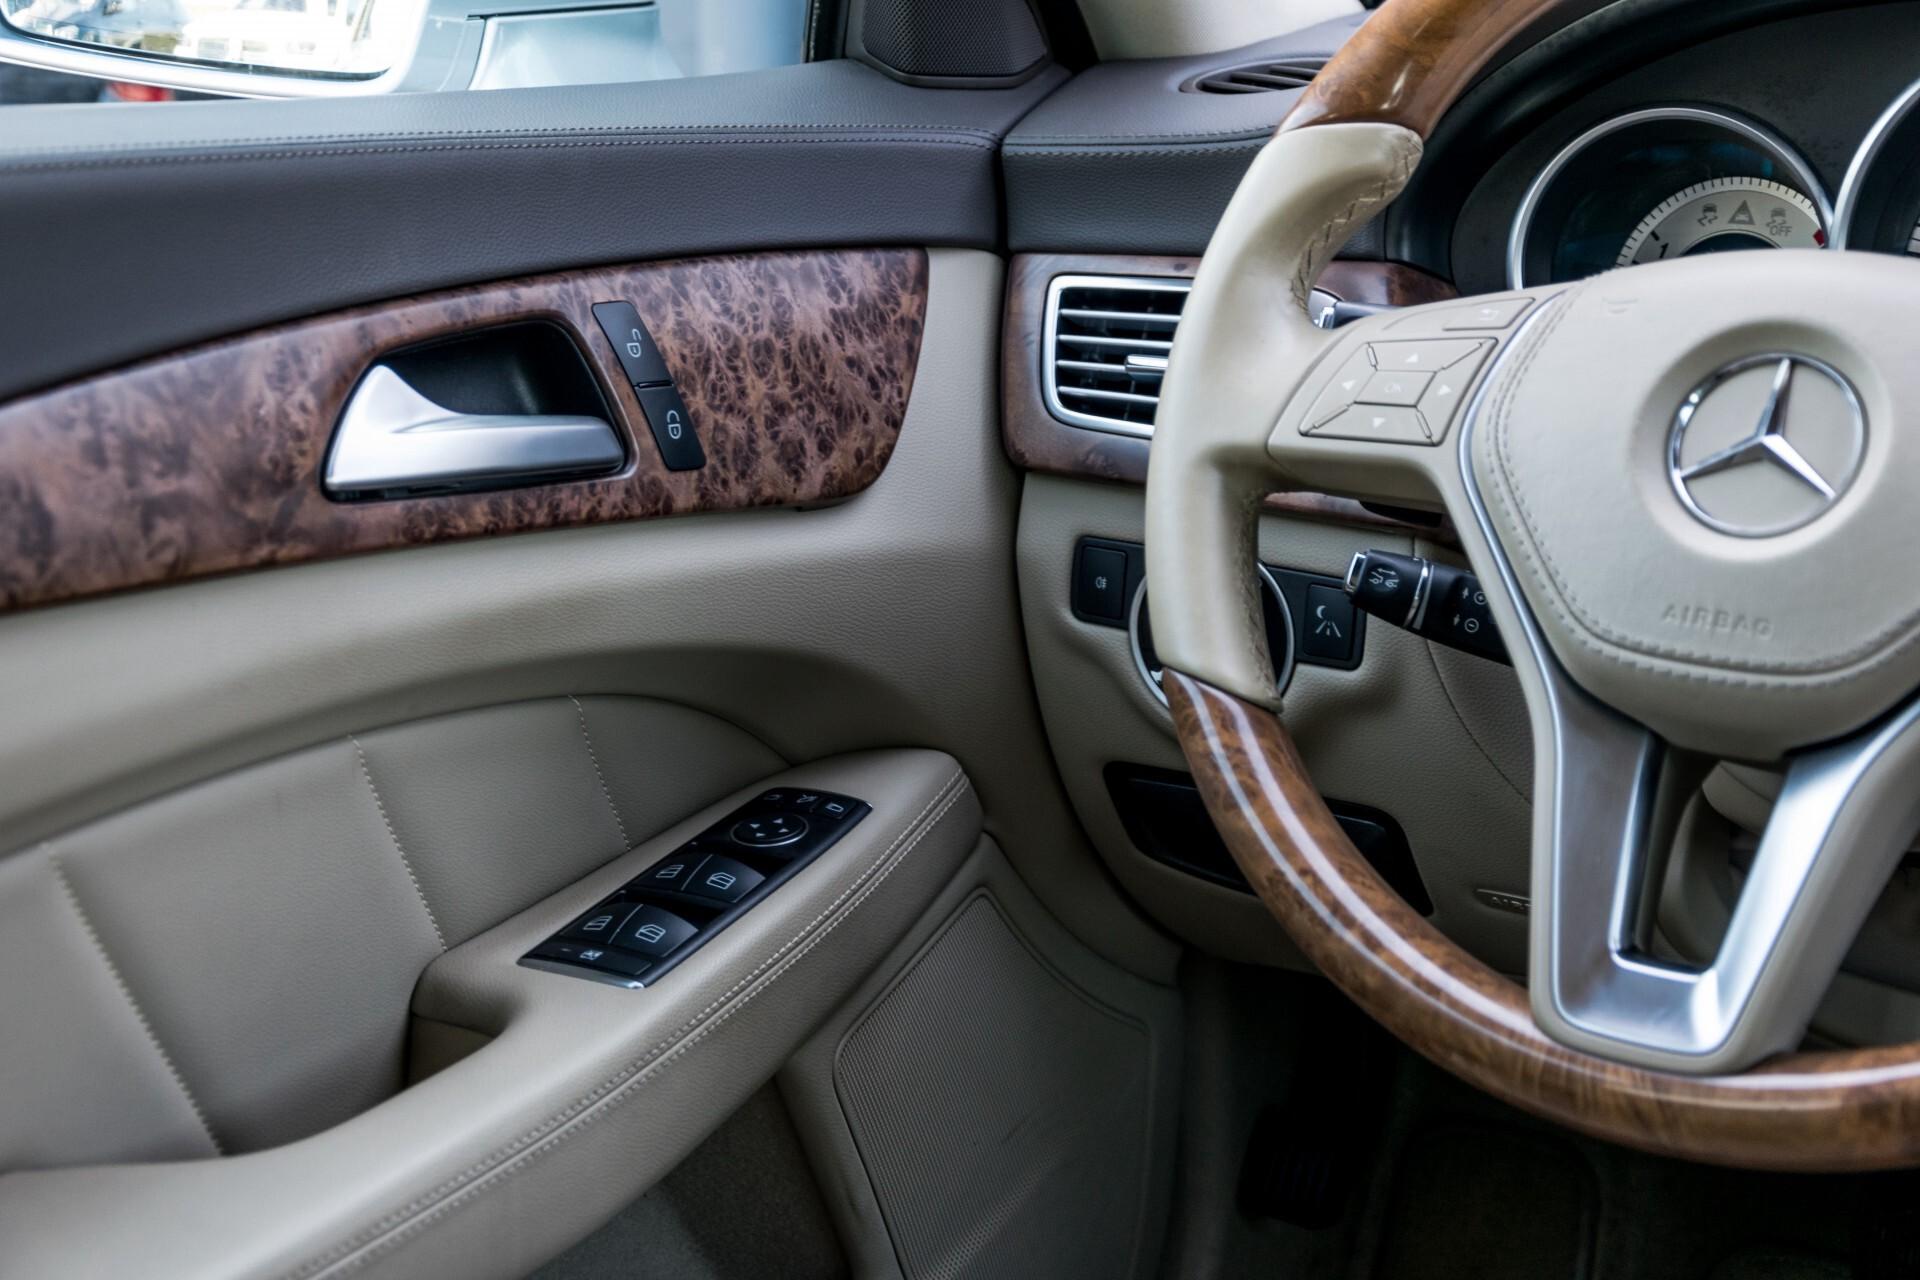 Mercedes-Benz CLS-Klasse 350 Cdi Luchtvering/Distronic/Nachtzicht/AMG/Comand/ILS Aut7 Foto 36